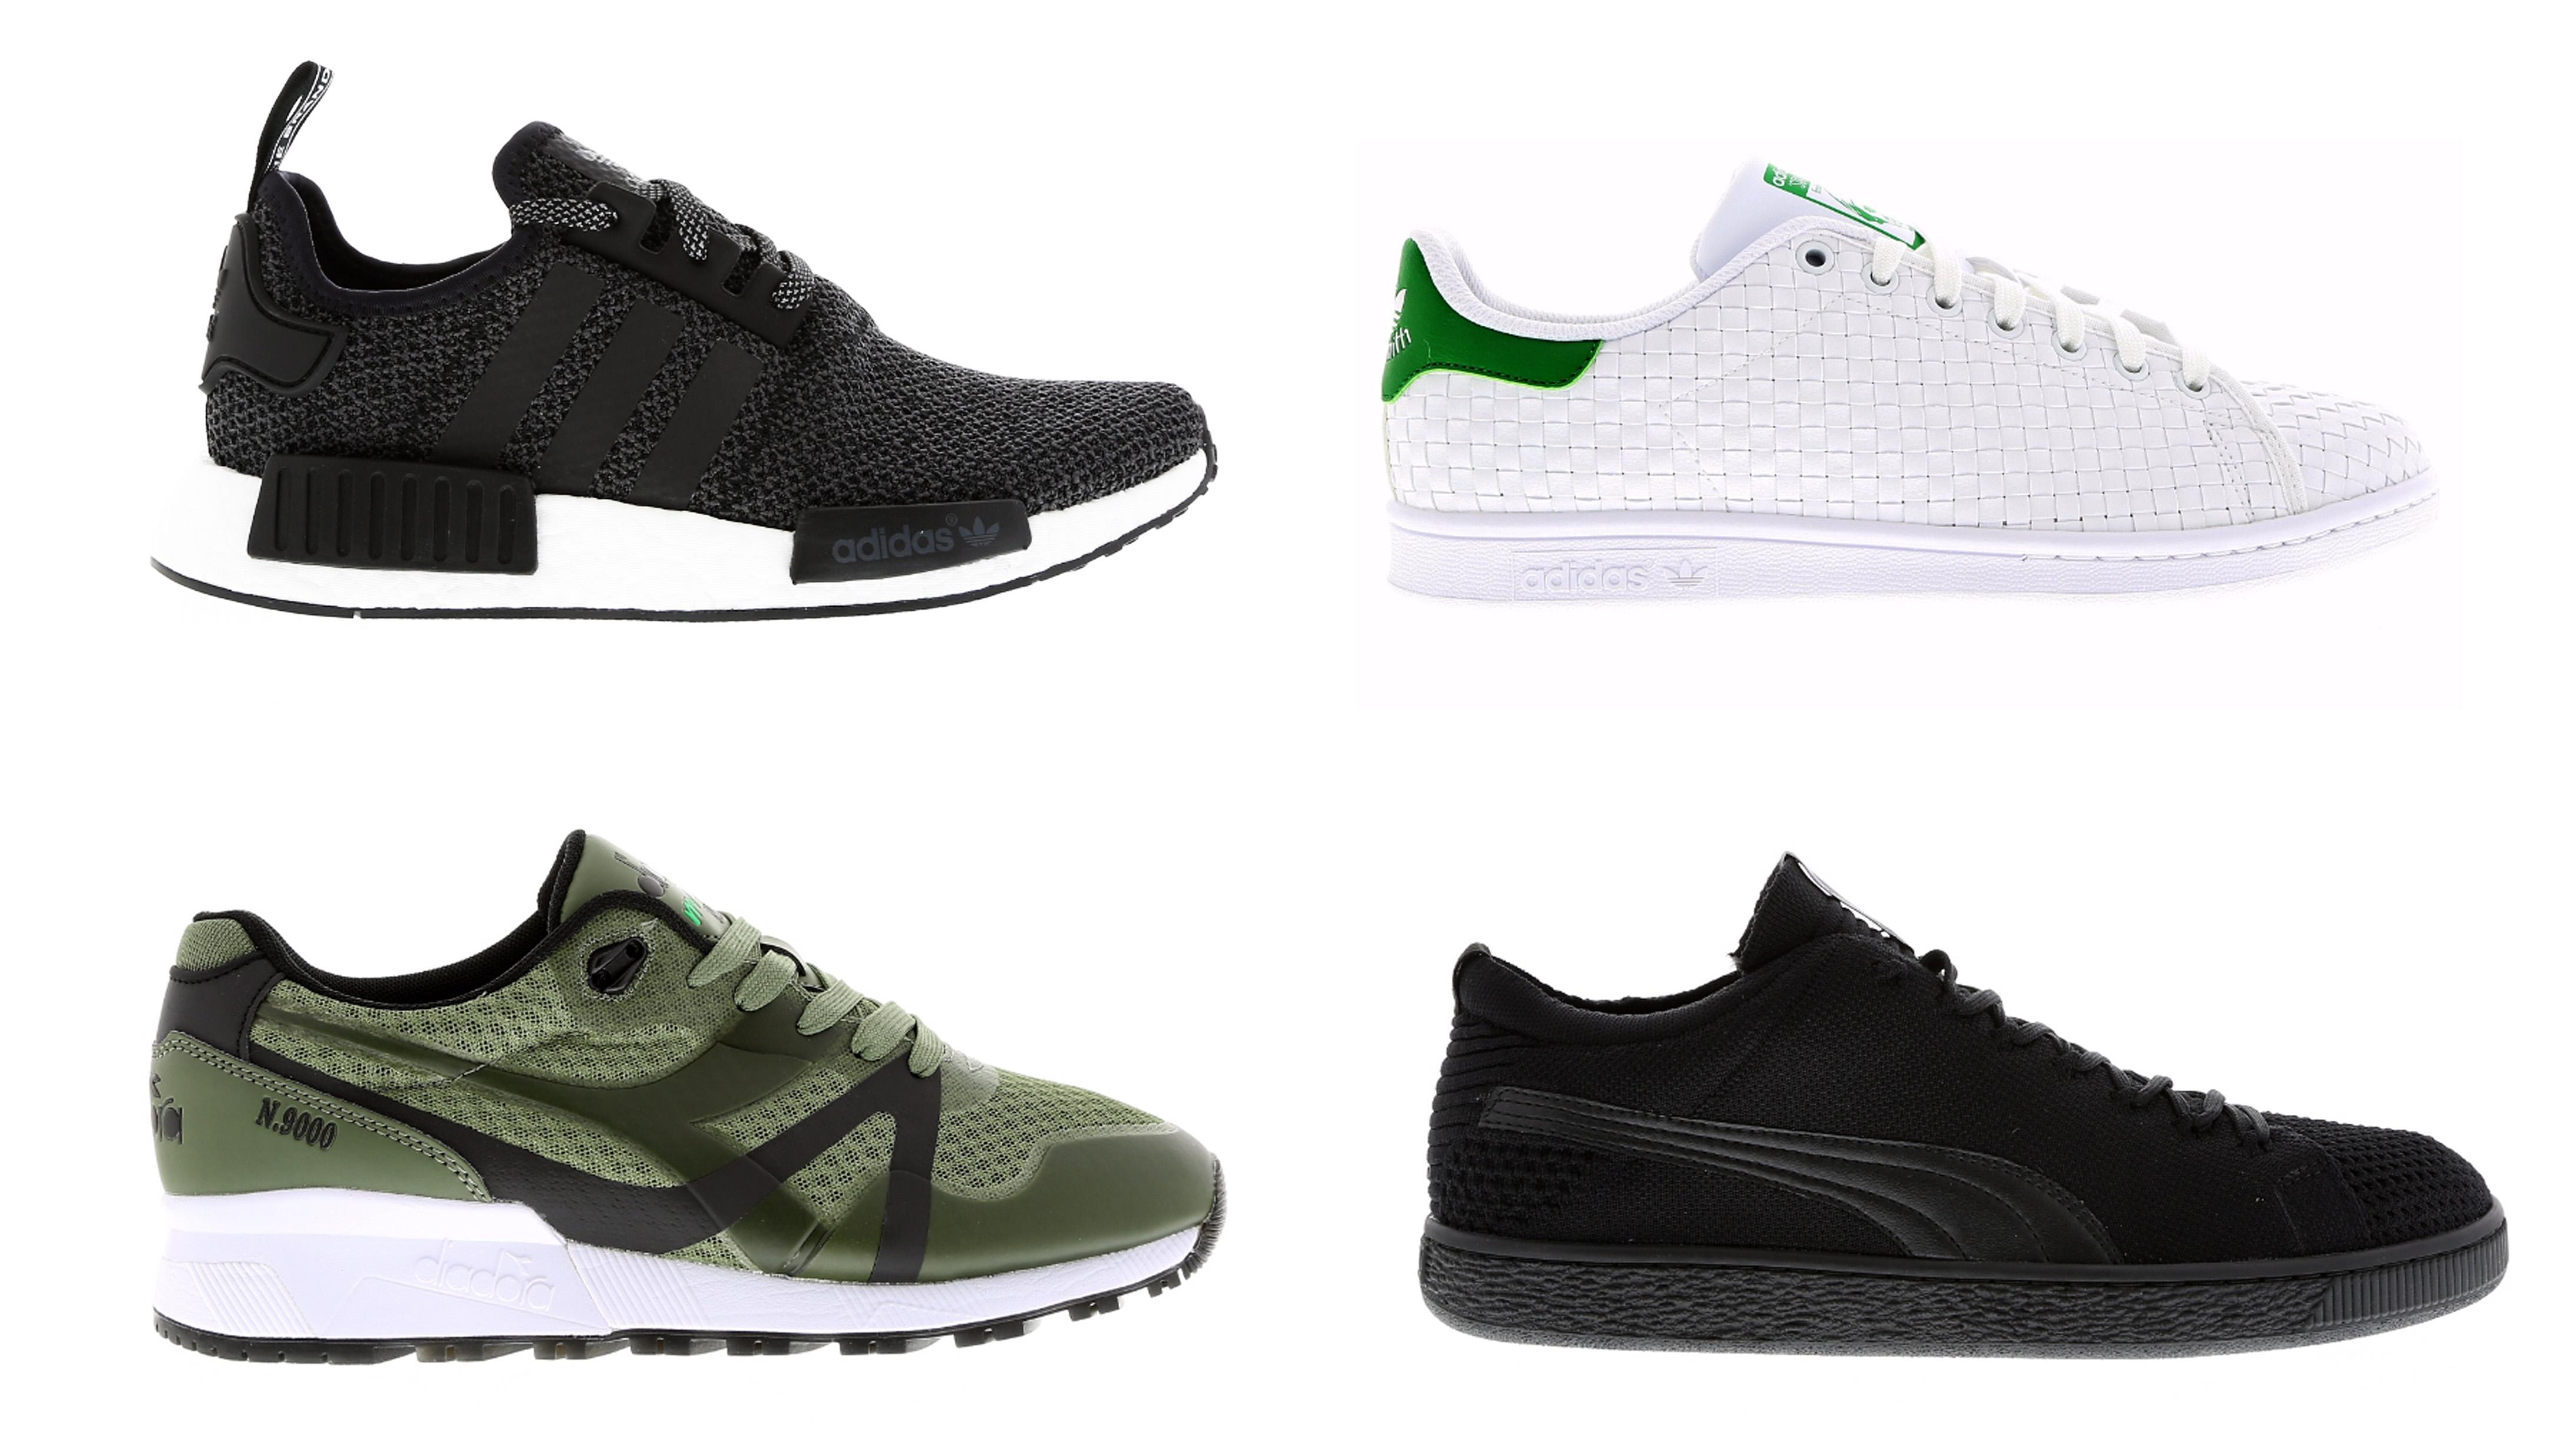 elegir-las-zapatillas-adecuadas-foot-locker